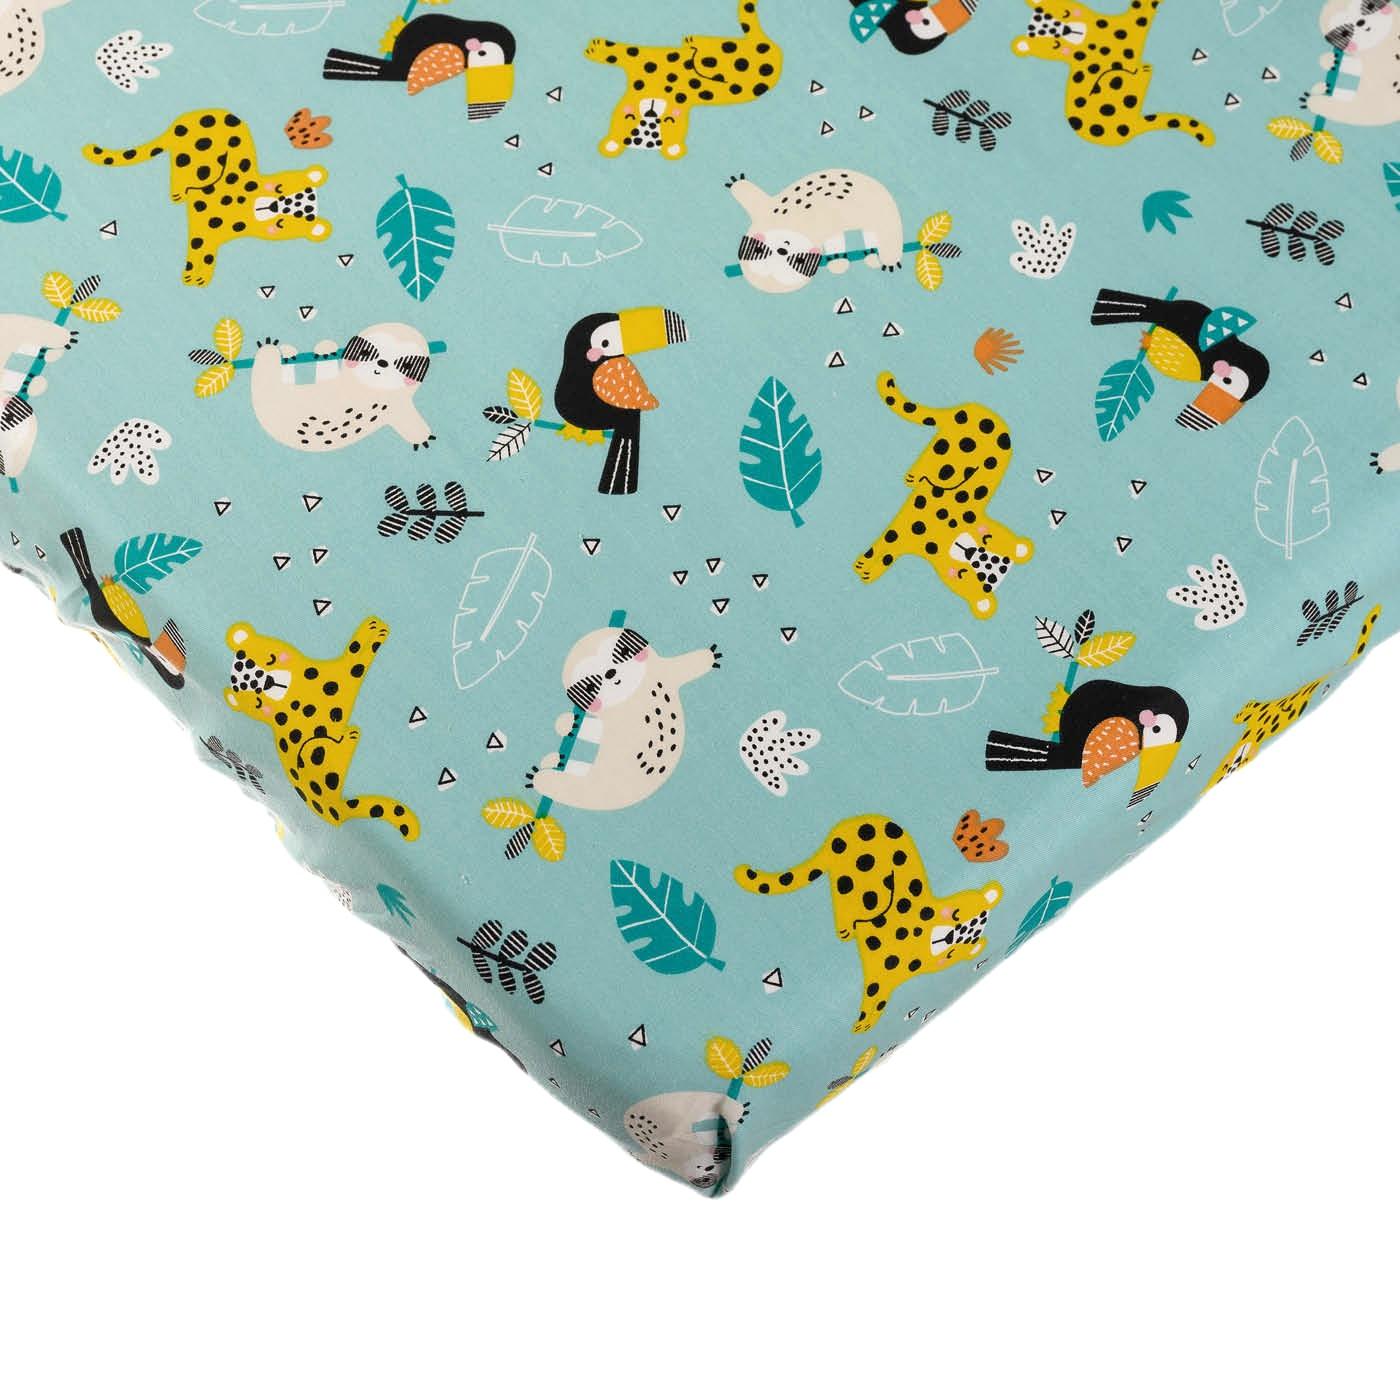 ملاءة سرير للأطفال - موديل الغابة